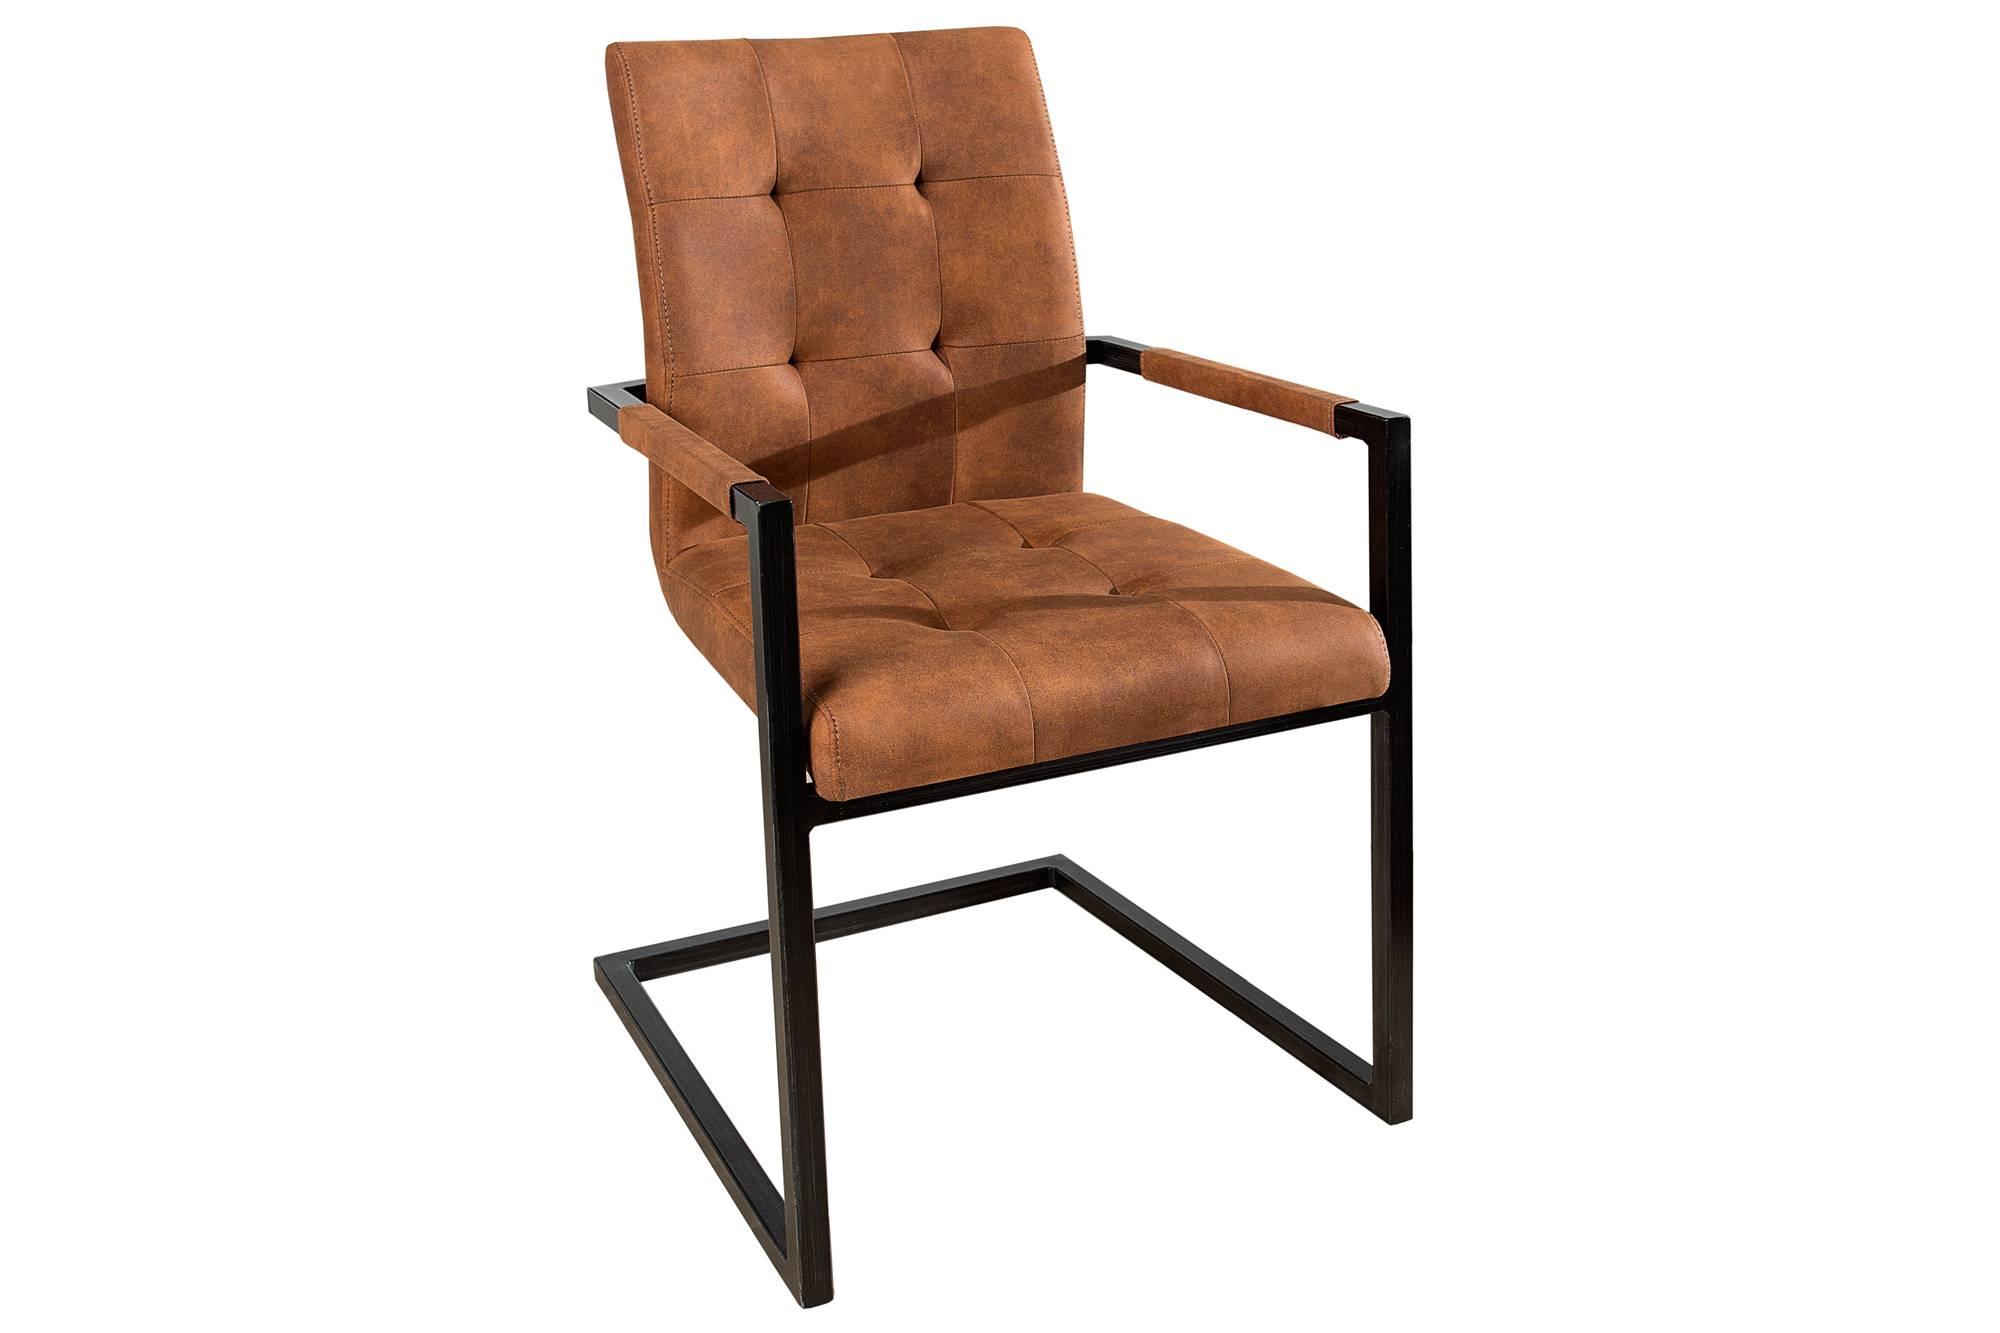 Jídelná židle vintage English hnědá s opěradlem